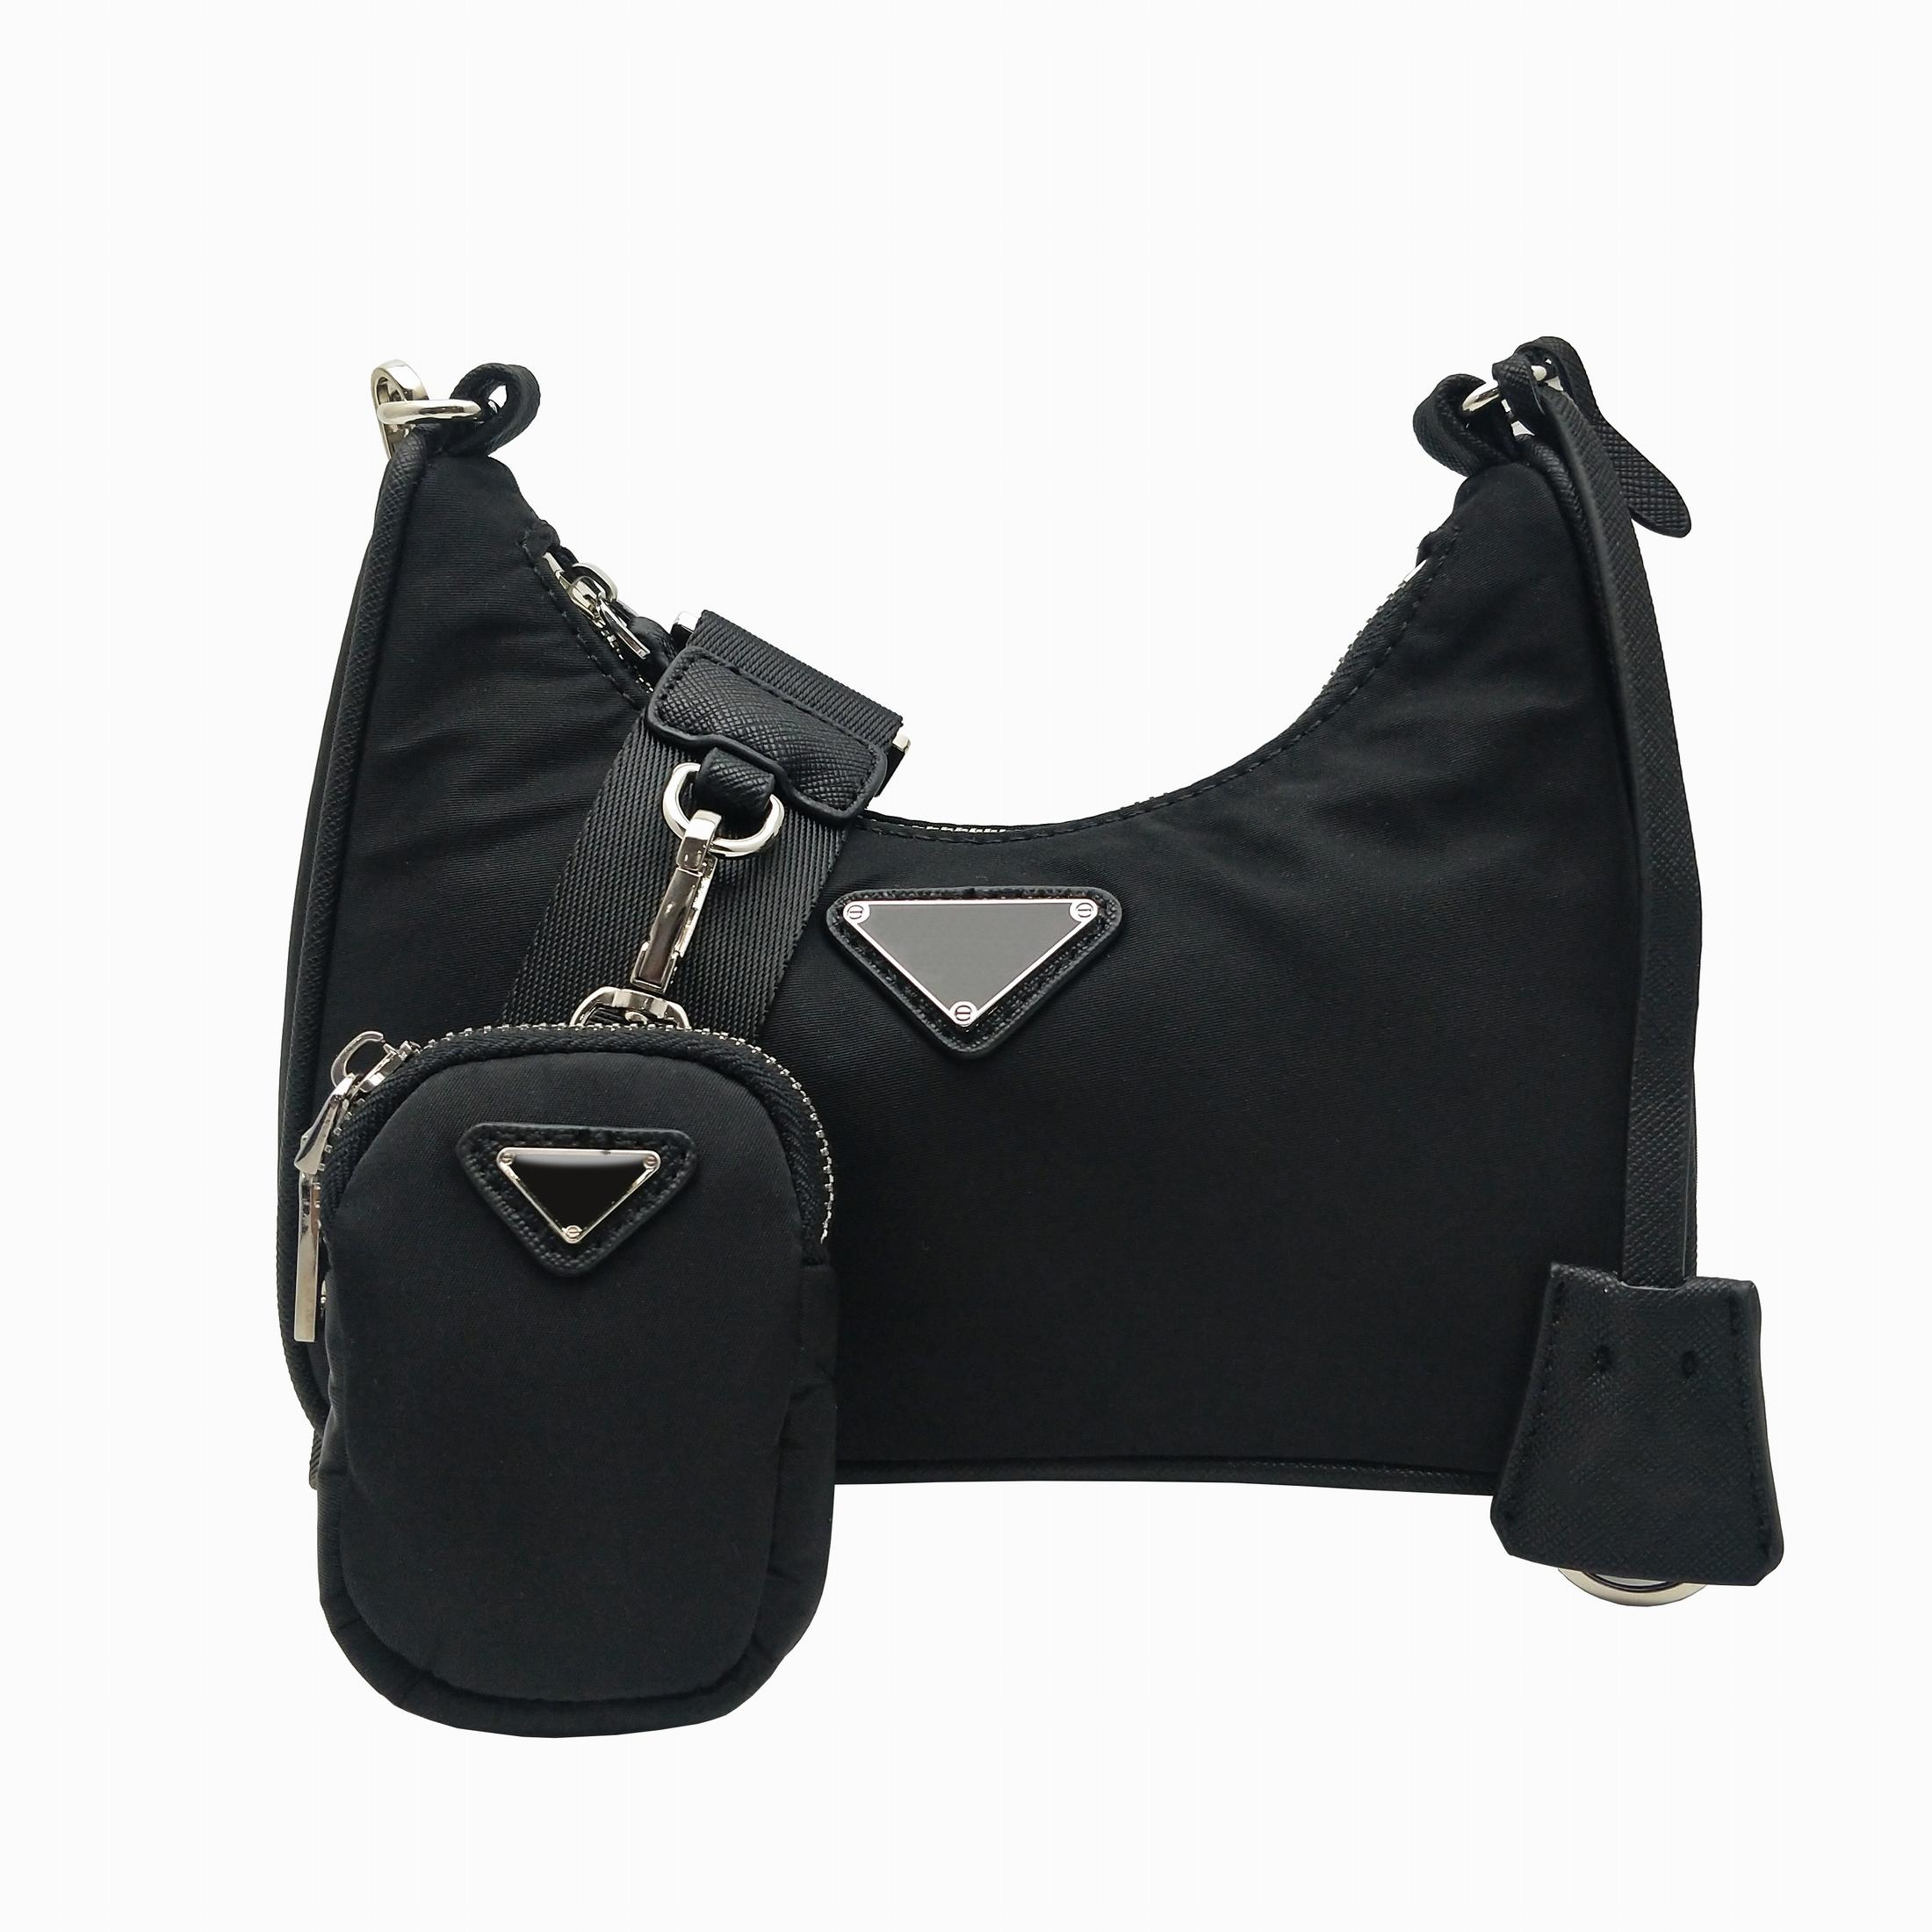 Donne libere di trasporto 2pcs / set borse a tracolla waterproaf Canvas catene Nylon pacco petto signora Tote Borse presbiti borsa Messenger Crossbody